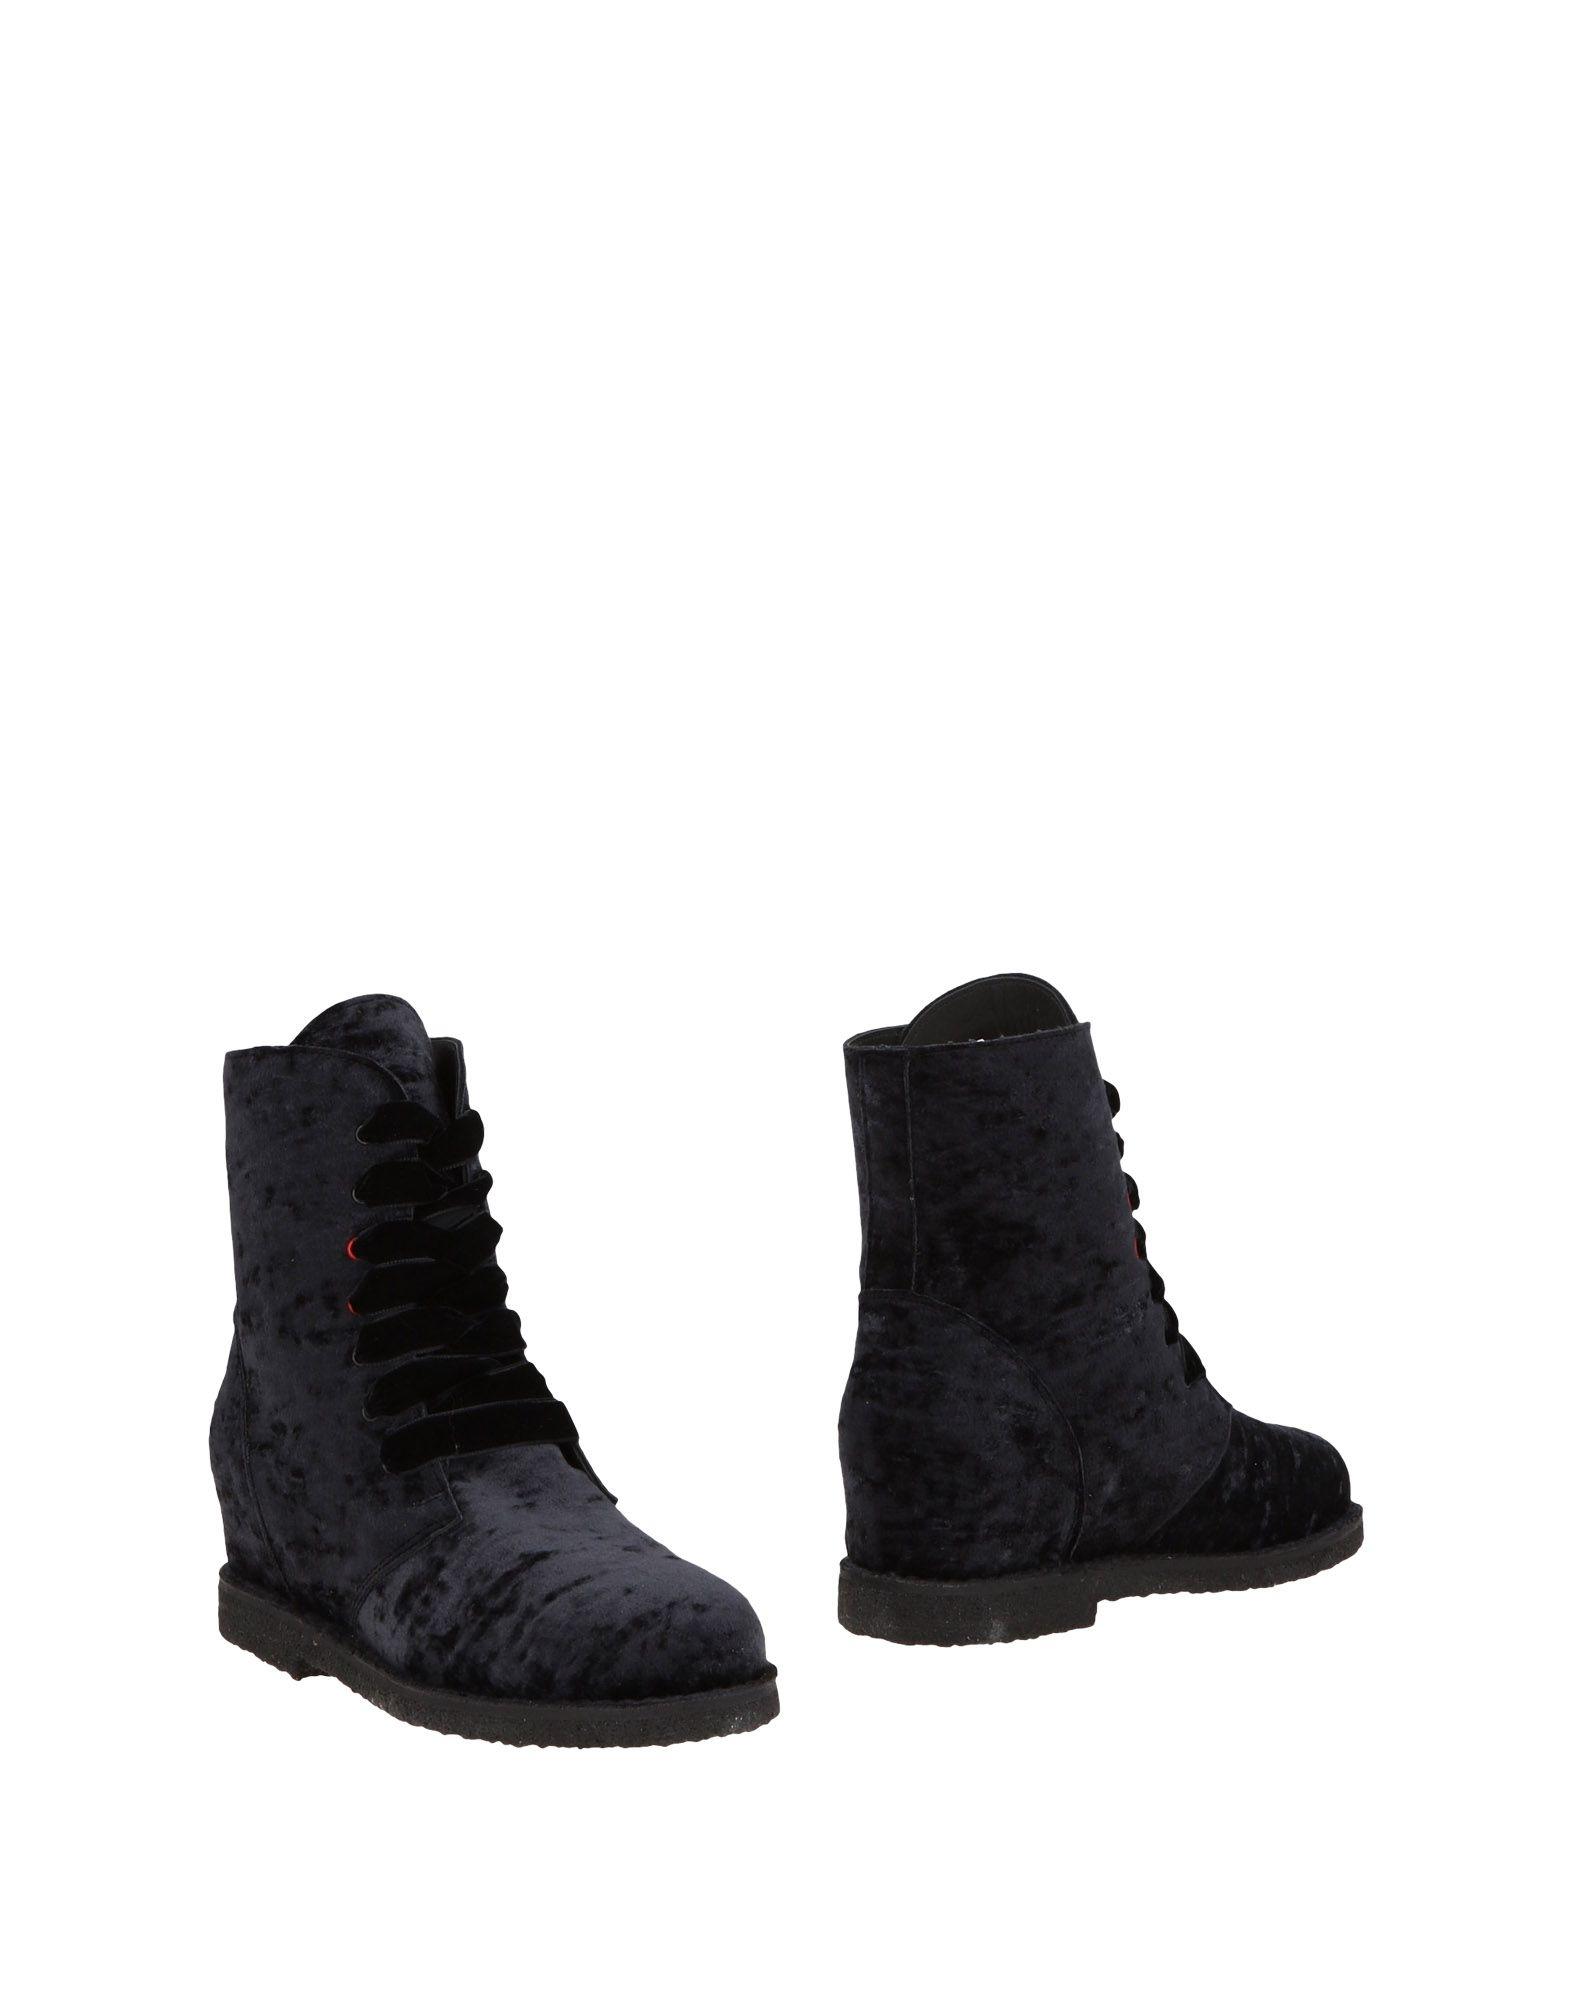 Sneakers Santoni Uomo - 11319627UN Scarpe economiche e buone